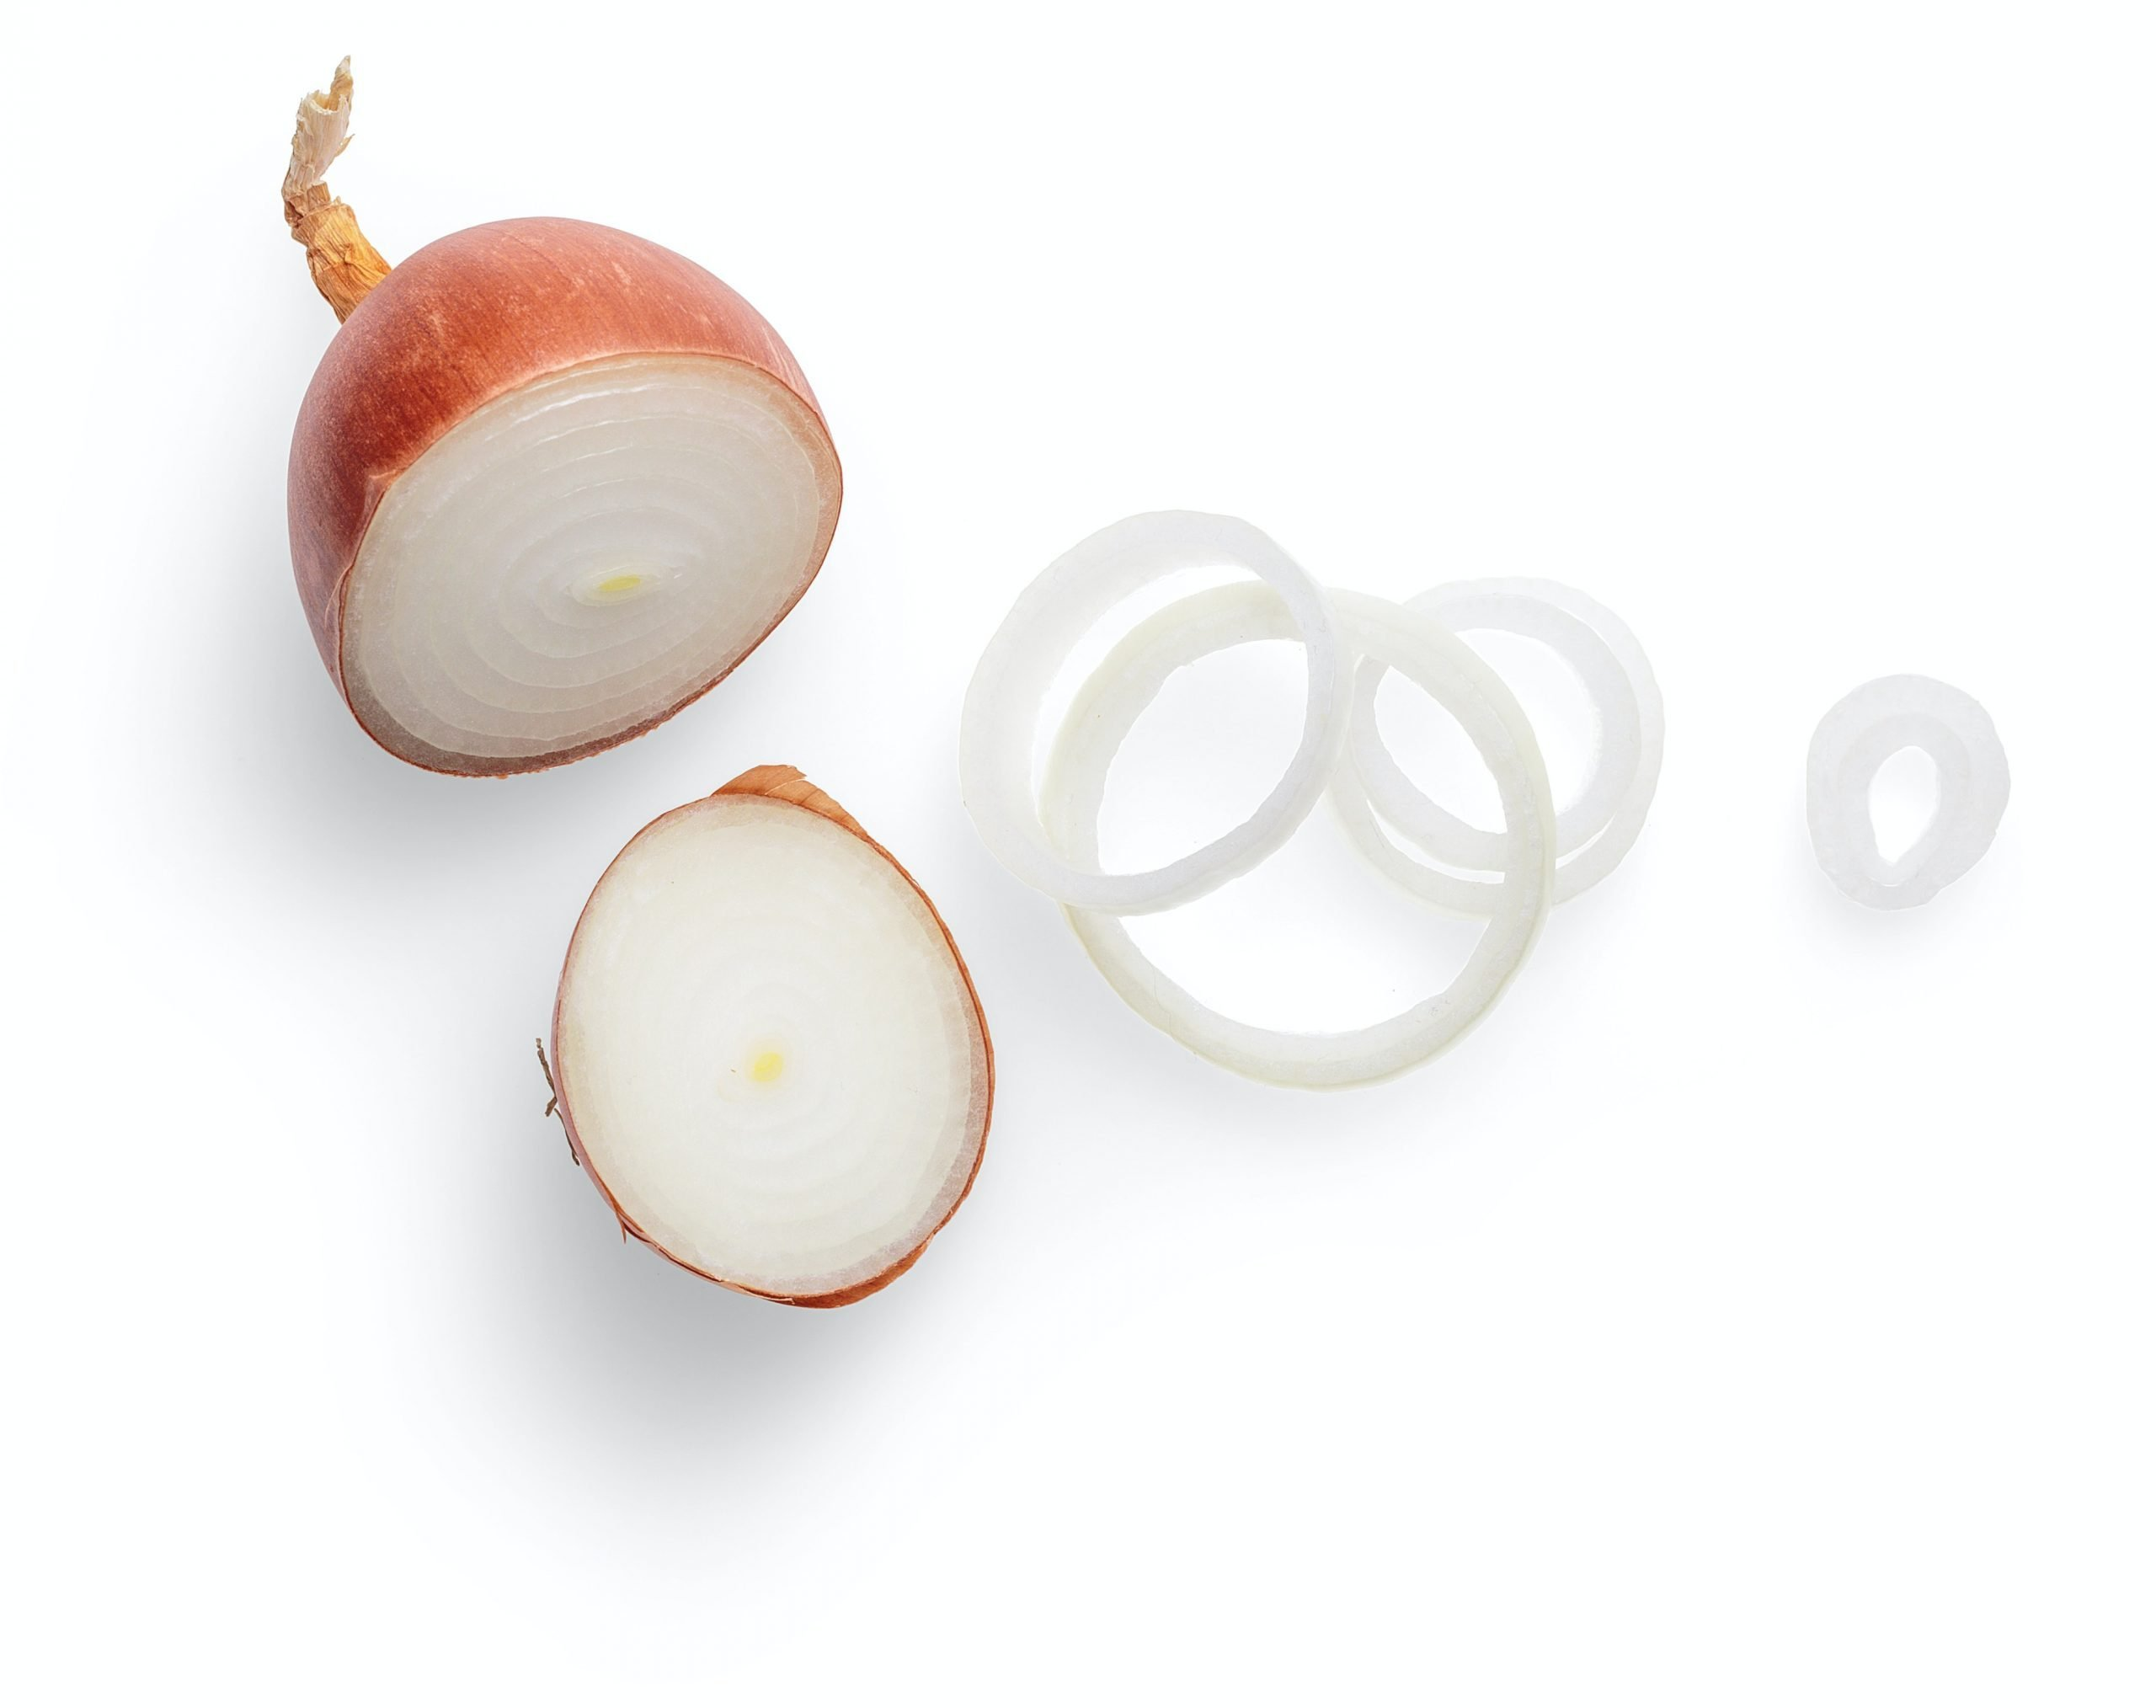 Gelbe Zwiebel ist aufgrund von Quercetin gesund